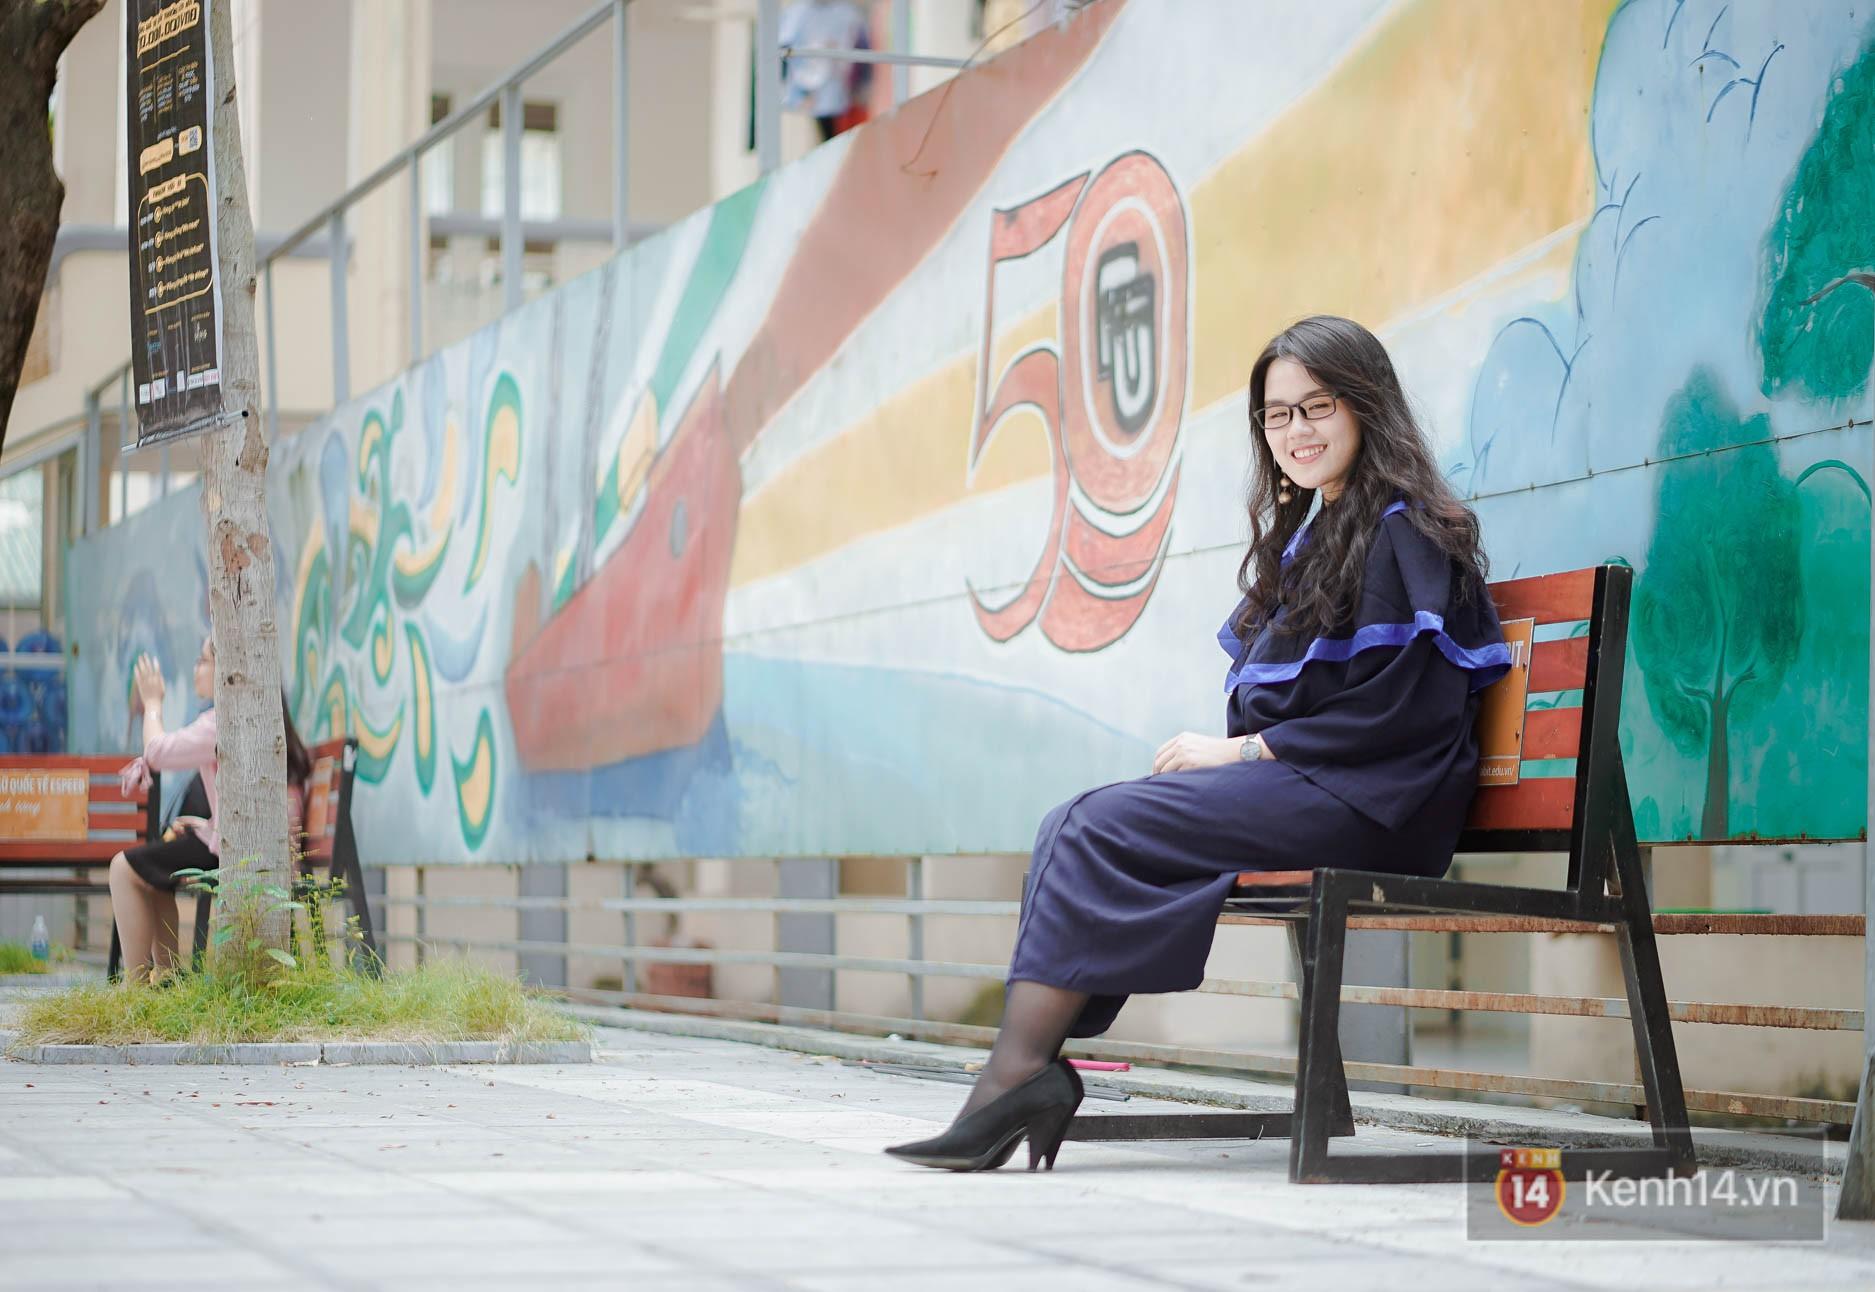 Gặp cô bạn tân cử nhân Ngoại thương xinh như hotgirl, nhận học bổng du học Thạc sỹ 3 chuyên ngành tại Mỹ - Ảnh 4.